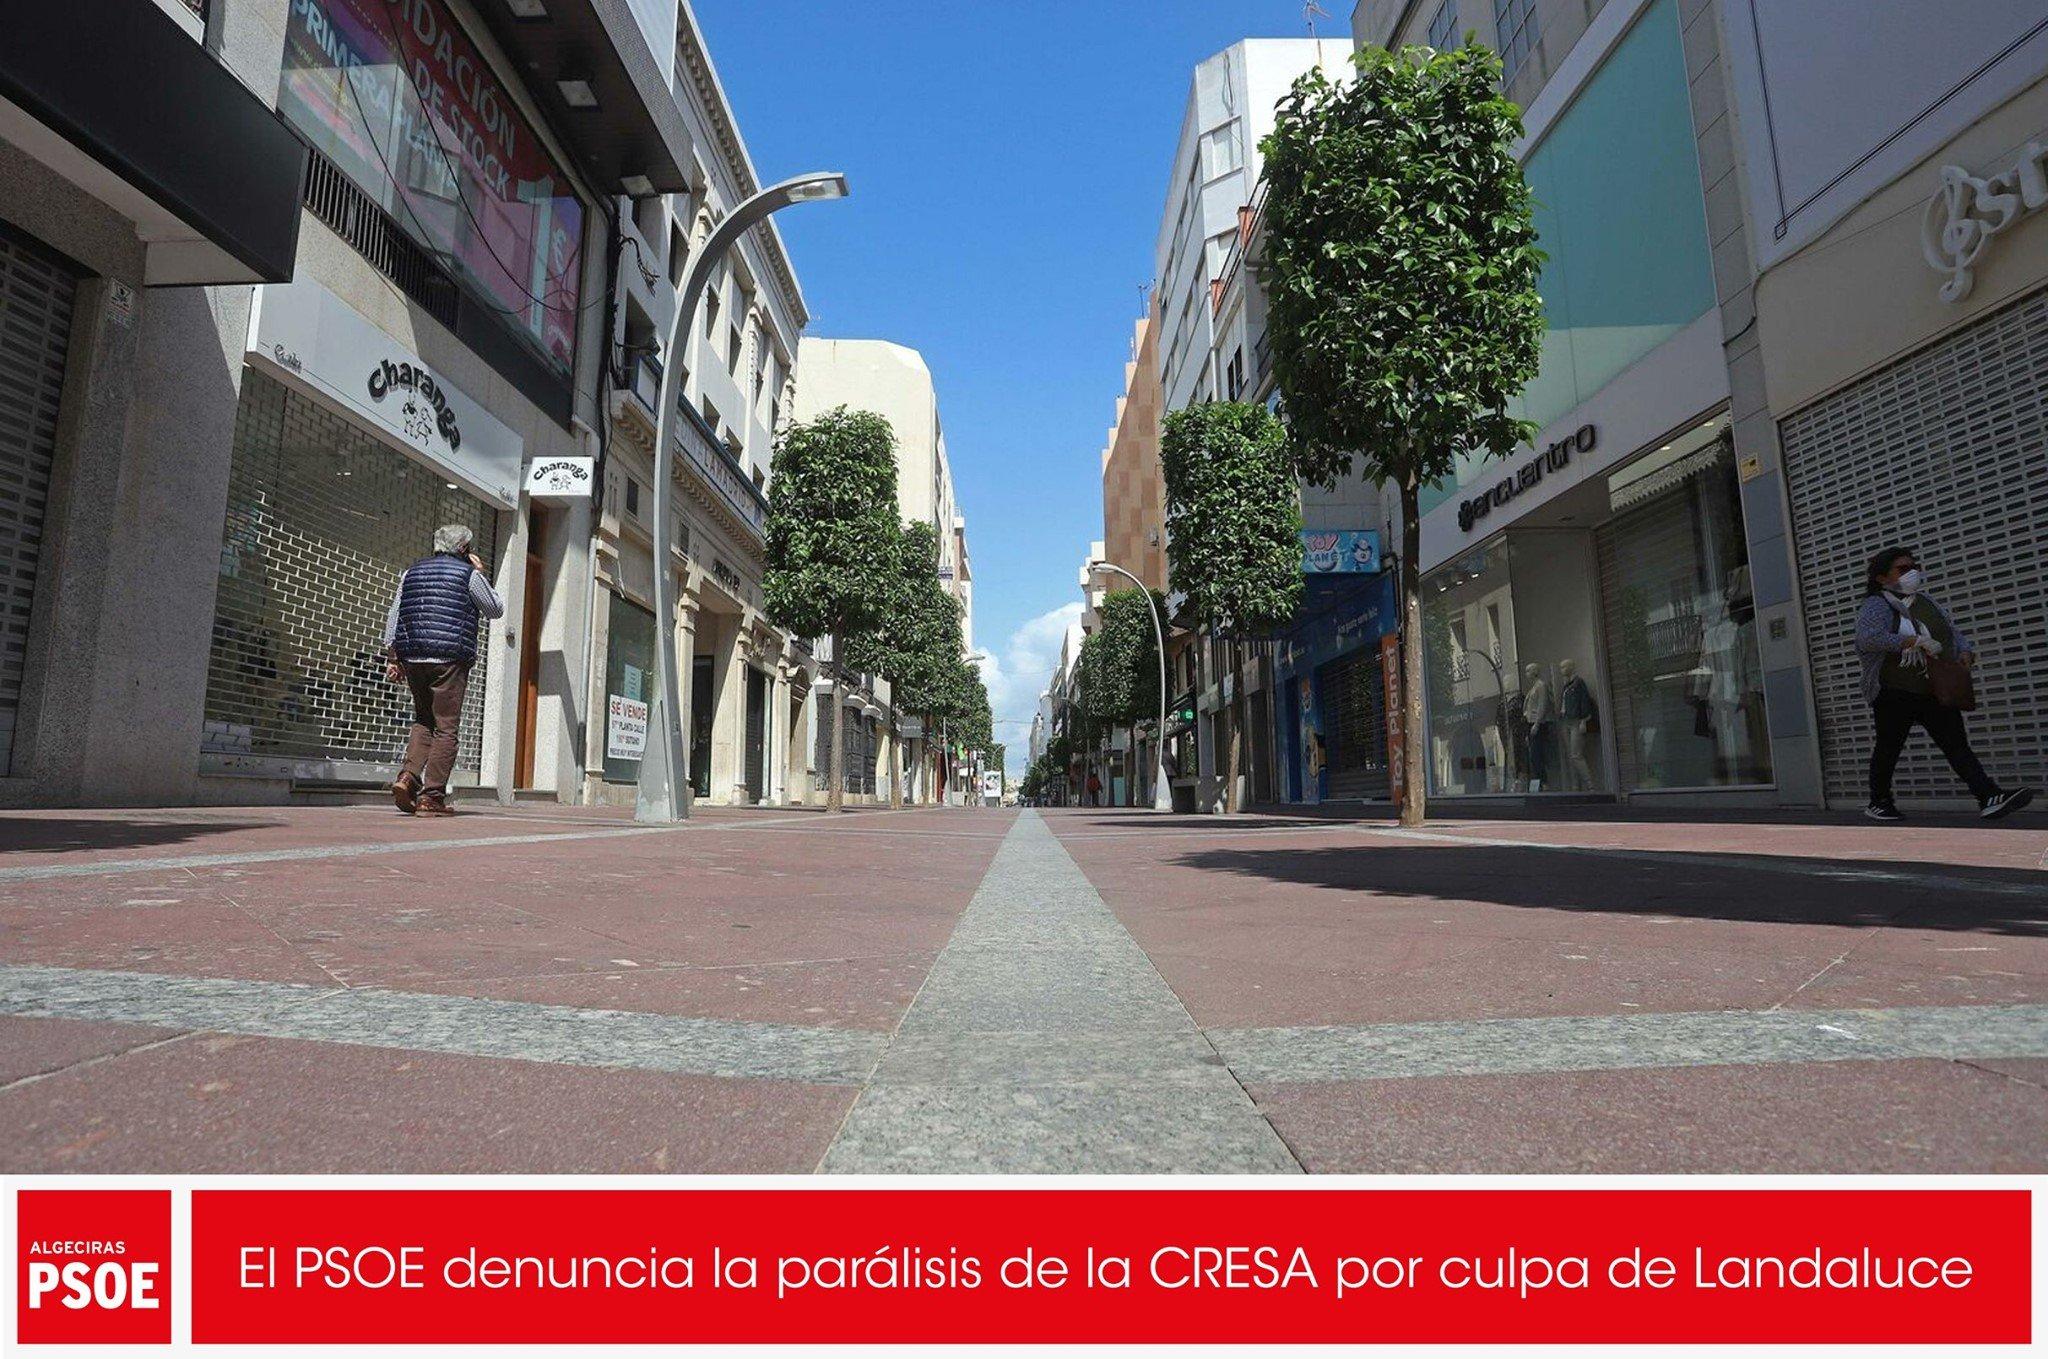 El PSOE denuncia la parálisis de la CRESA por culpa de Landaluce